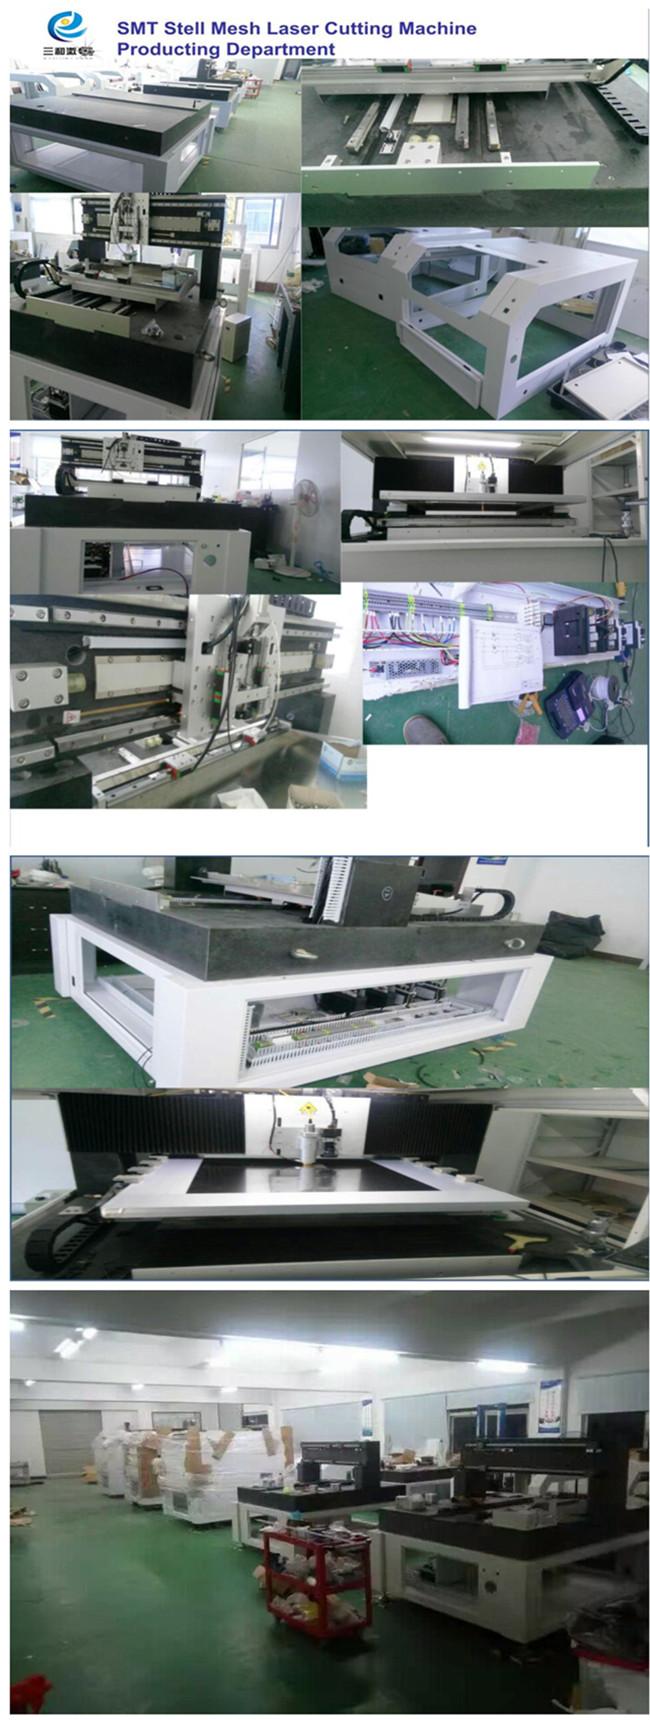 SMT laser cutting machine